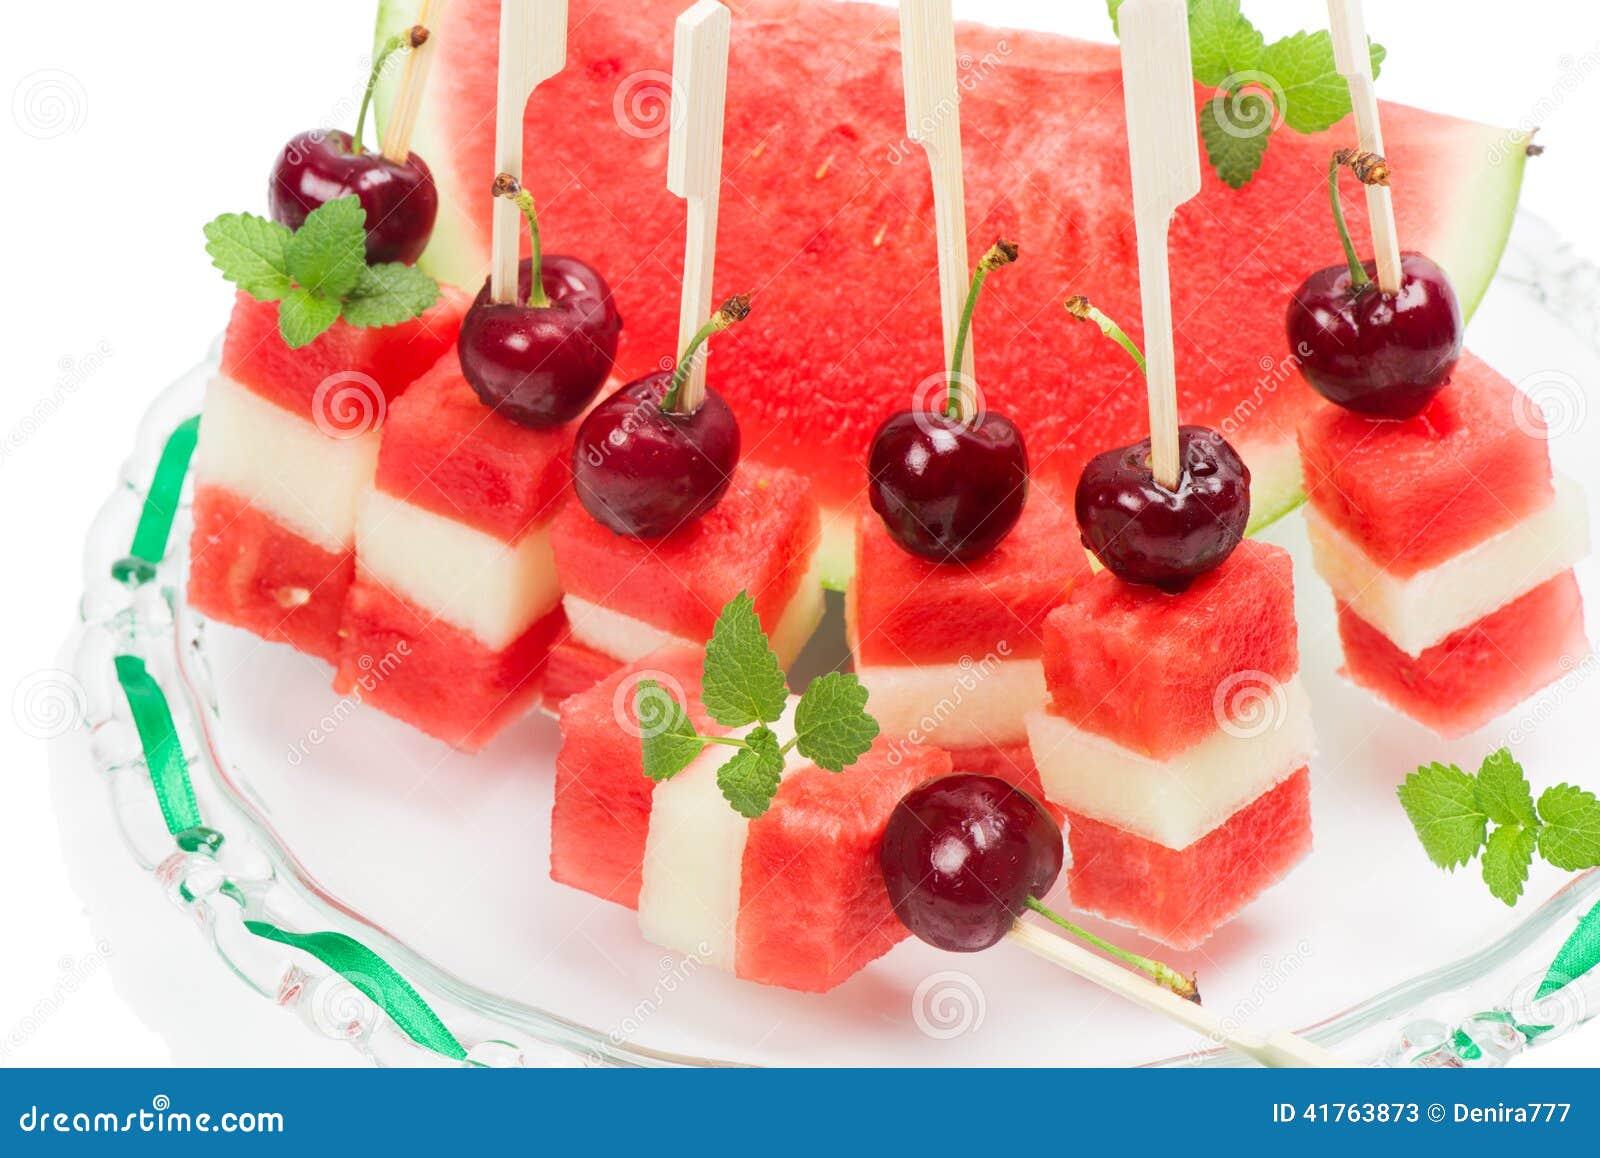 salade de fruits avec la pastèque, le melon et les cerises image